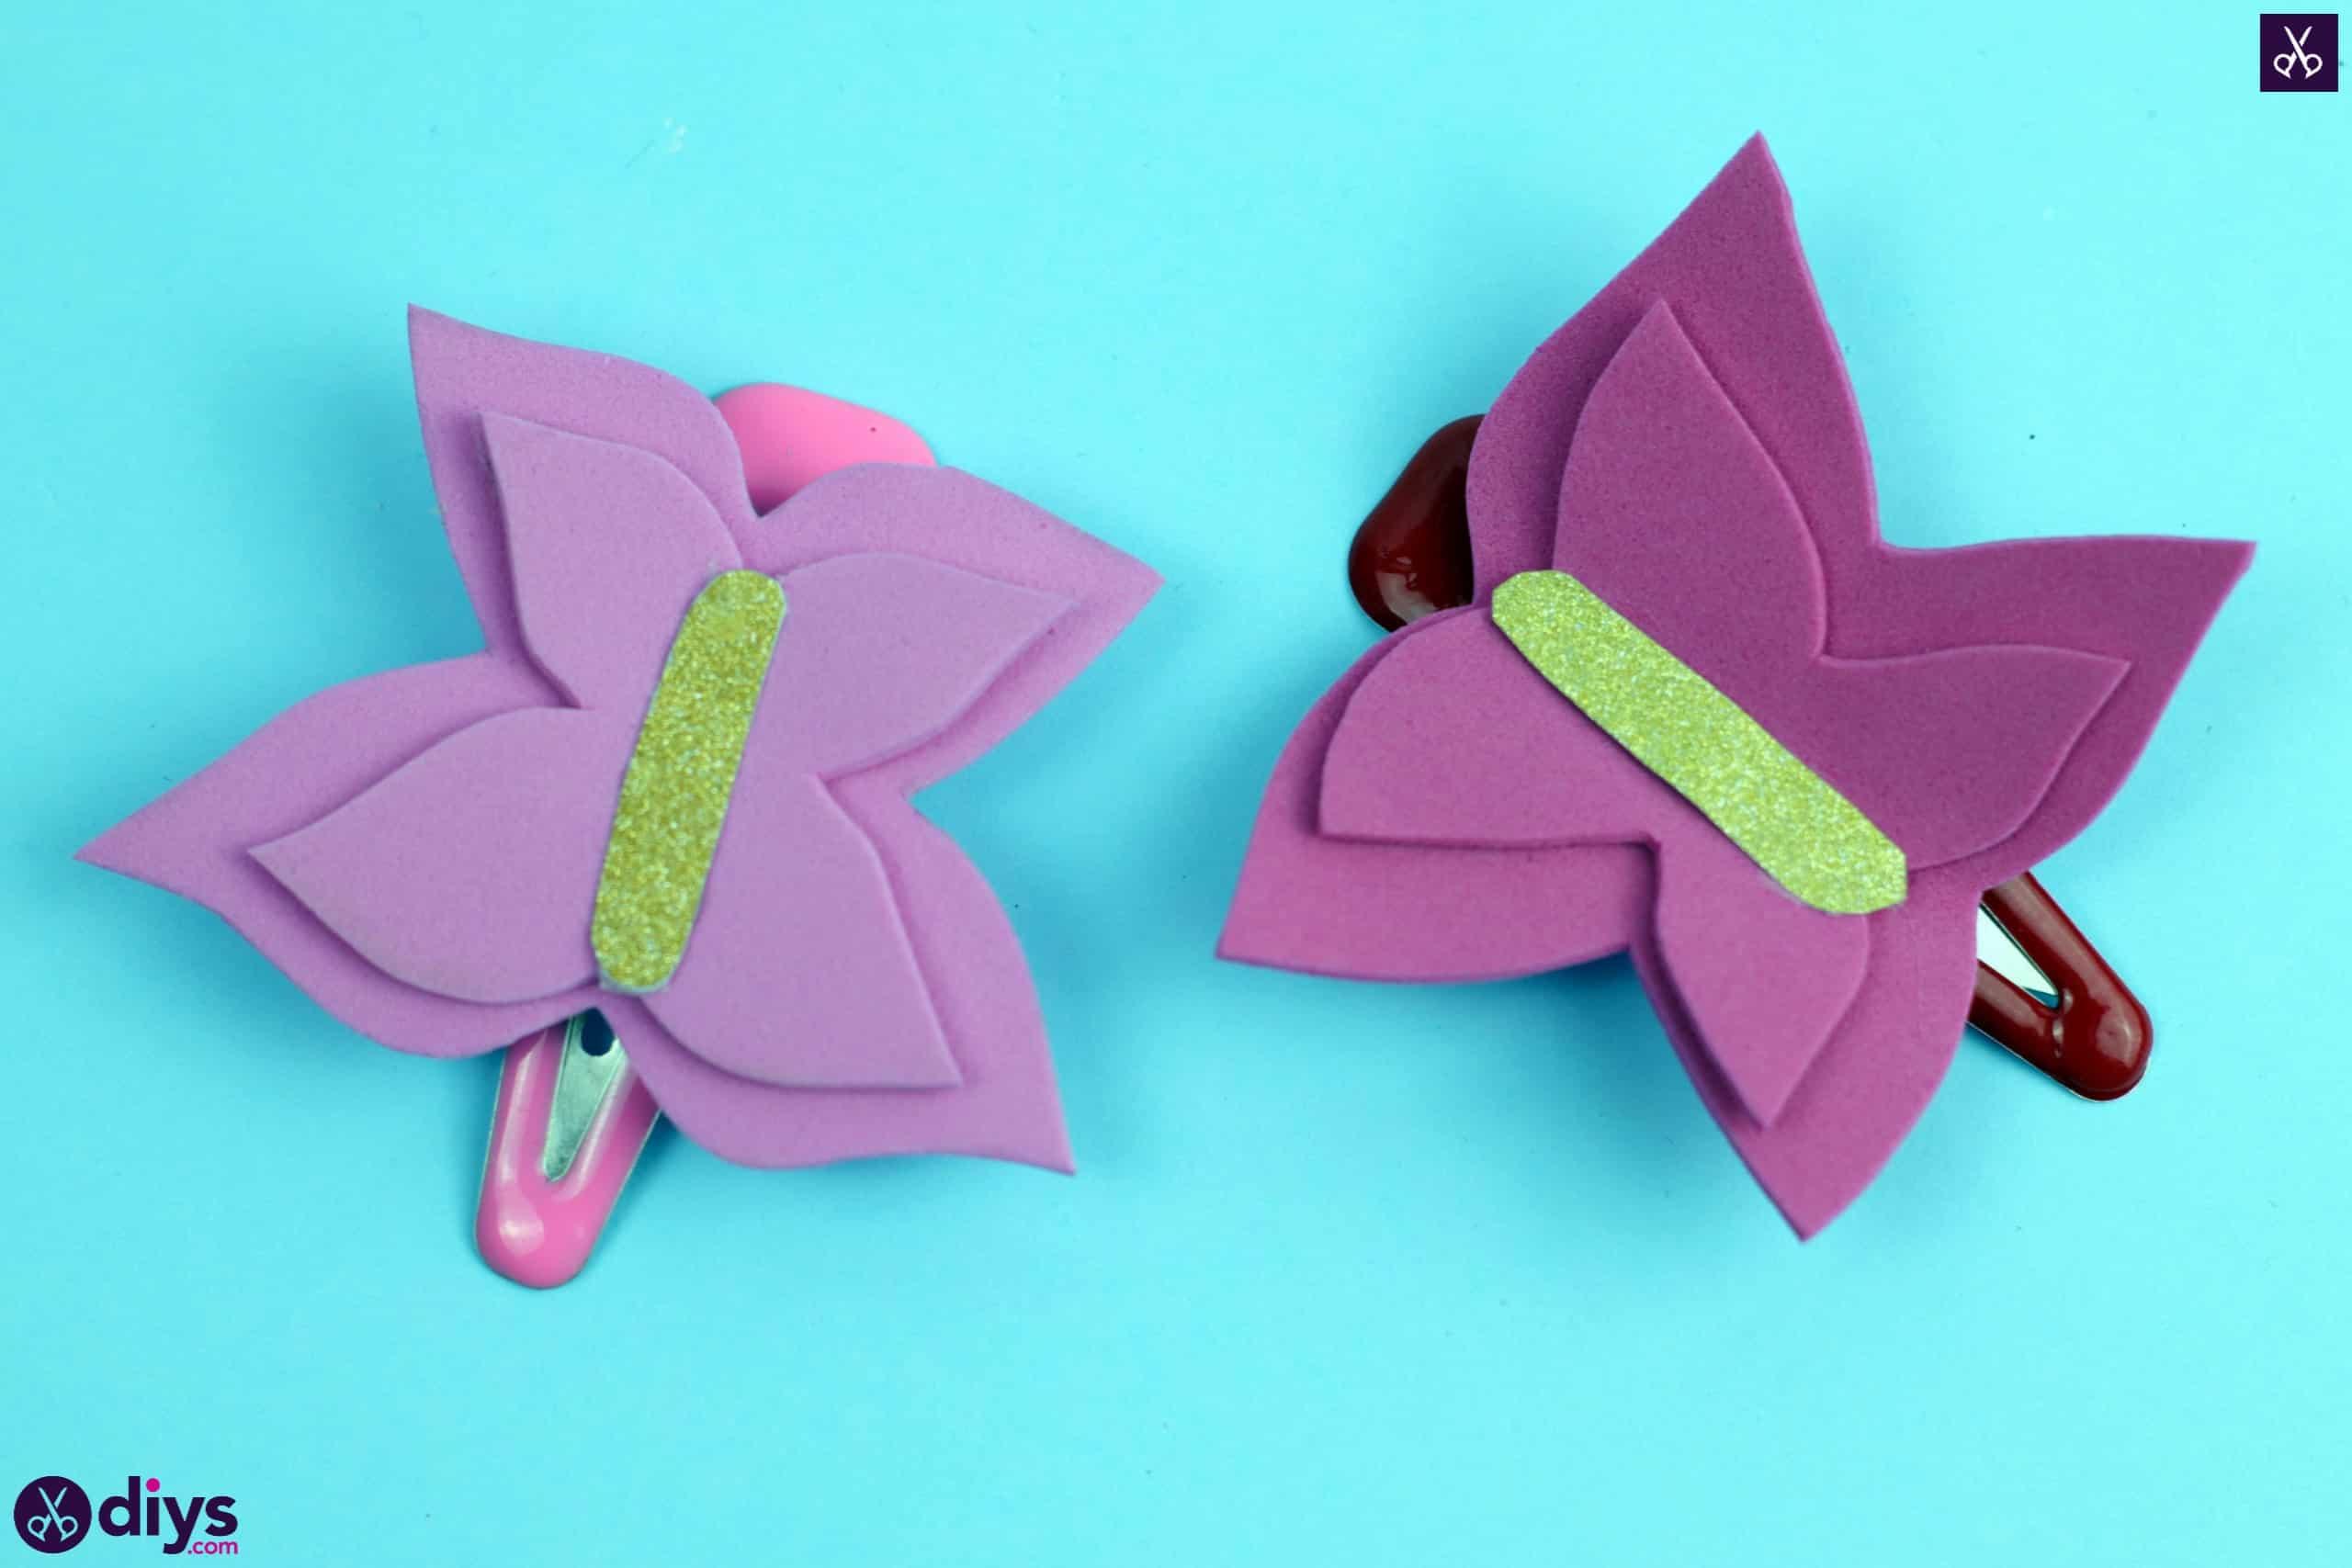 Diy butterfly barrette project